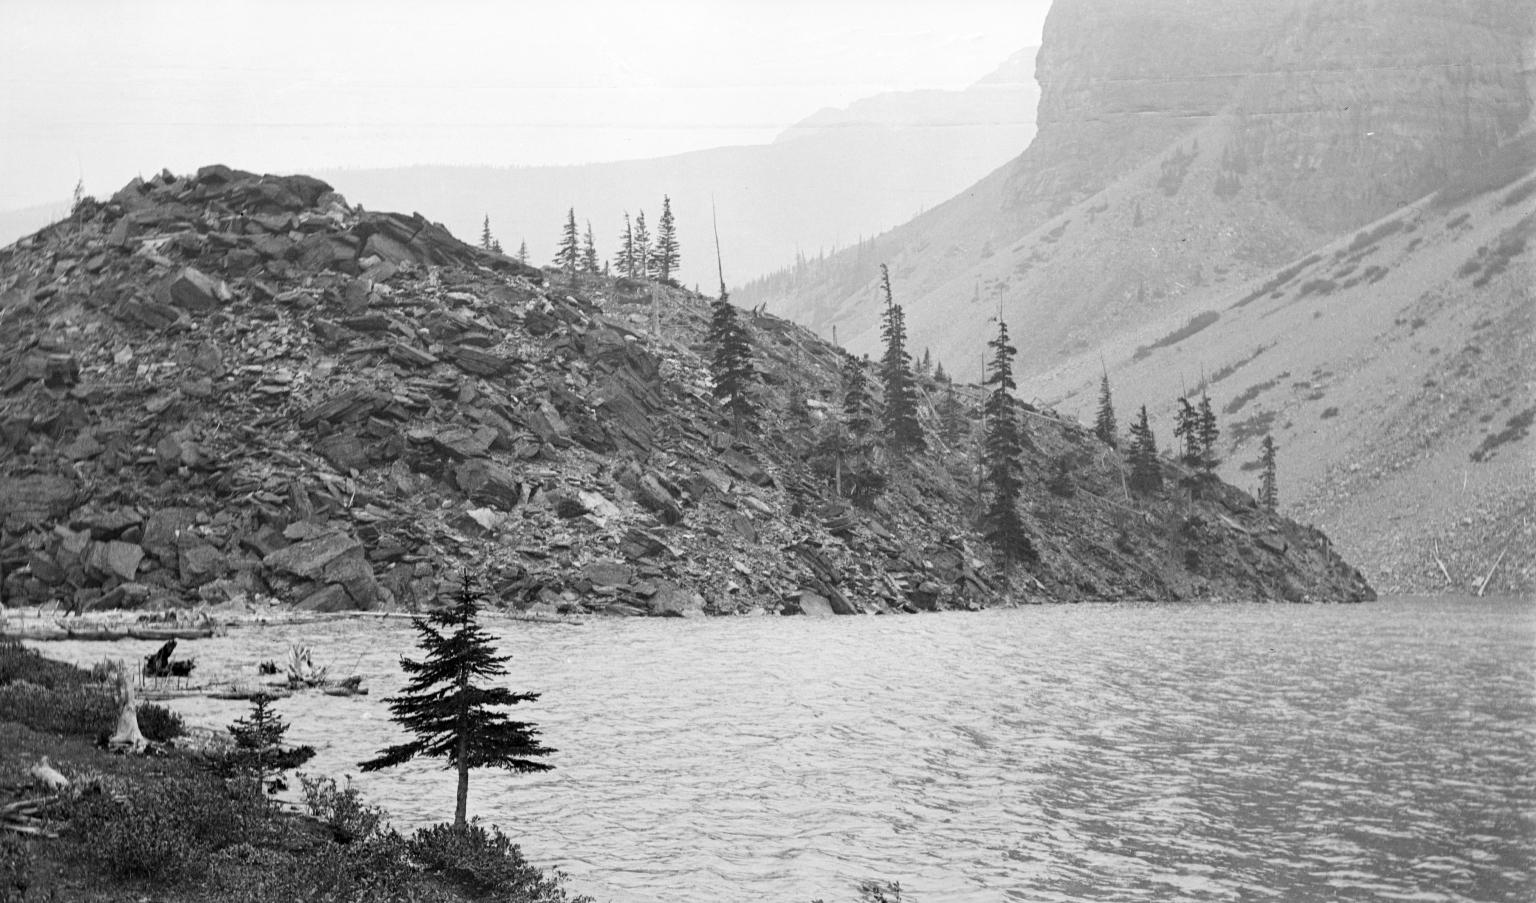 No glacier, Selkirk Mountains, British Columbia, Canada